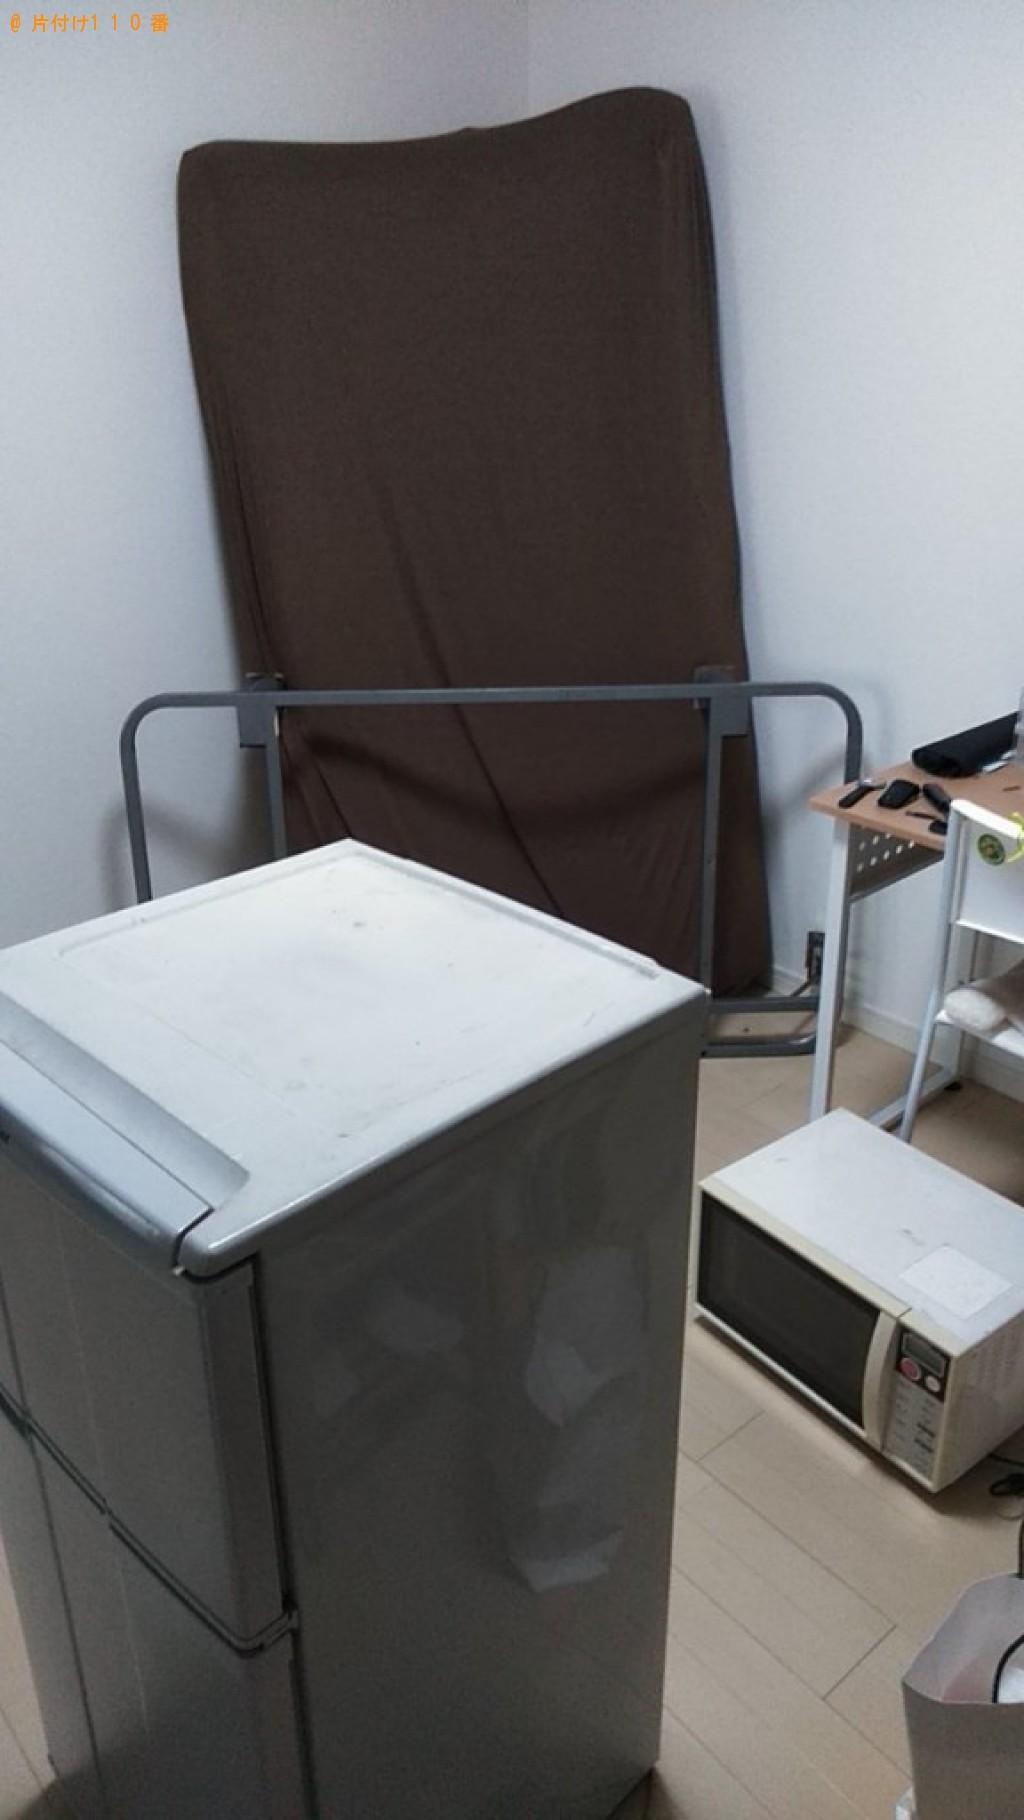 【松山市】冷蔵庫、ソファーベッド、小型家電等の回収・処分ご依頼